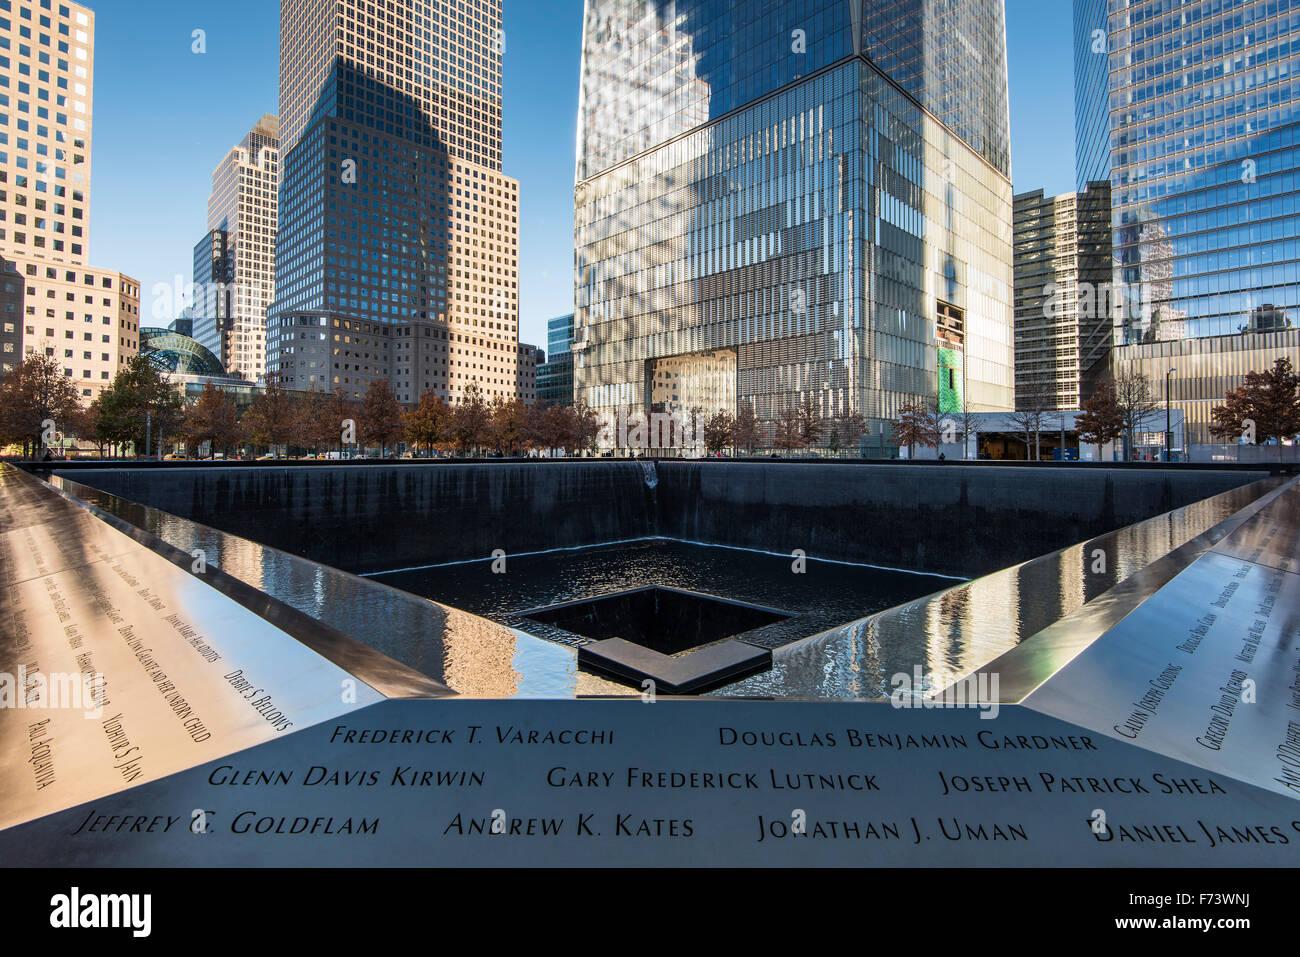 Norte de piscina, Nacional y Museo Memorial del 11 de septiembre, Lower Manhattan, Nueva York, EE.UU. Foto de stock